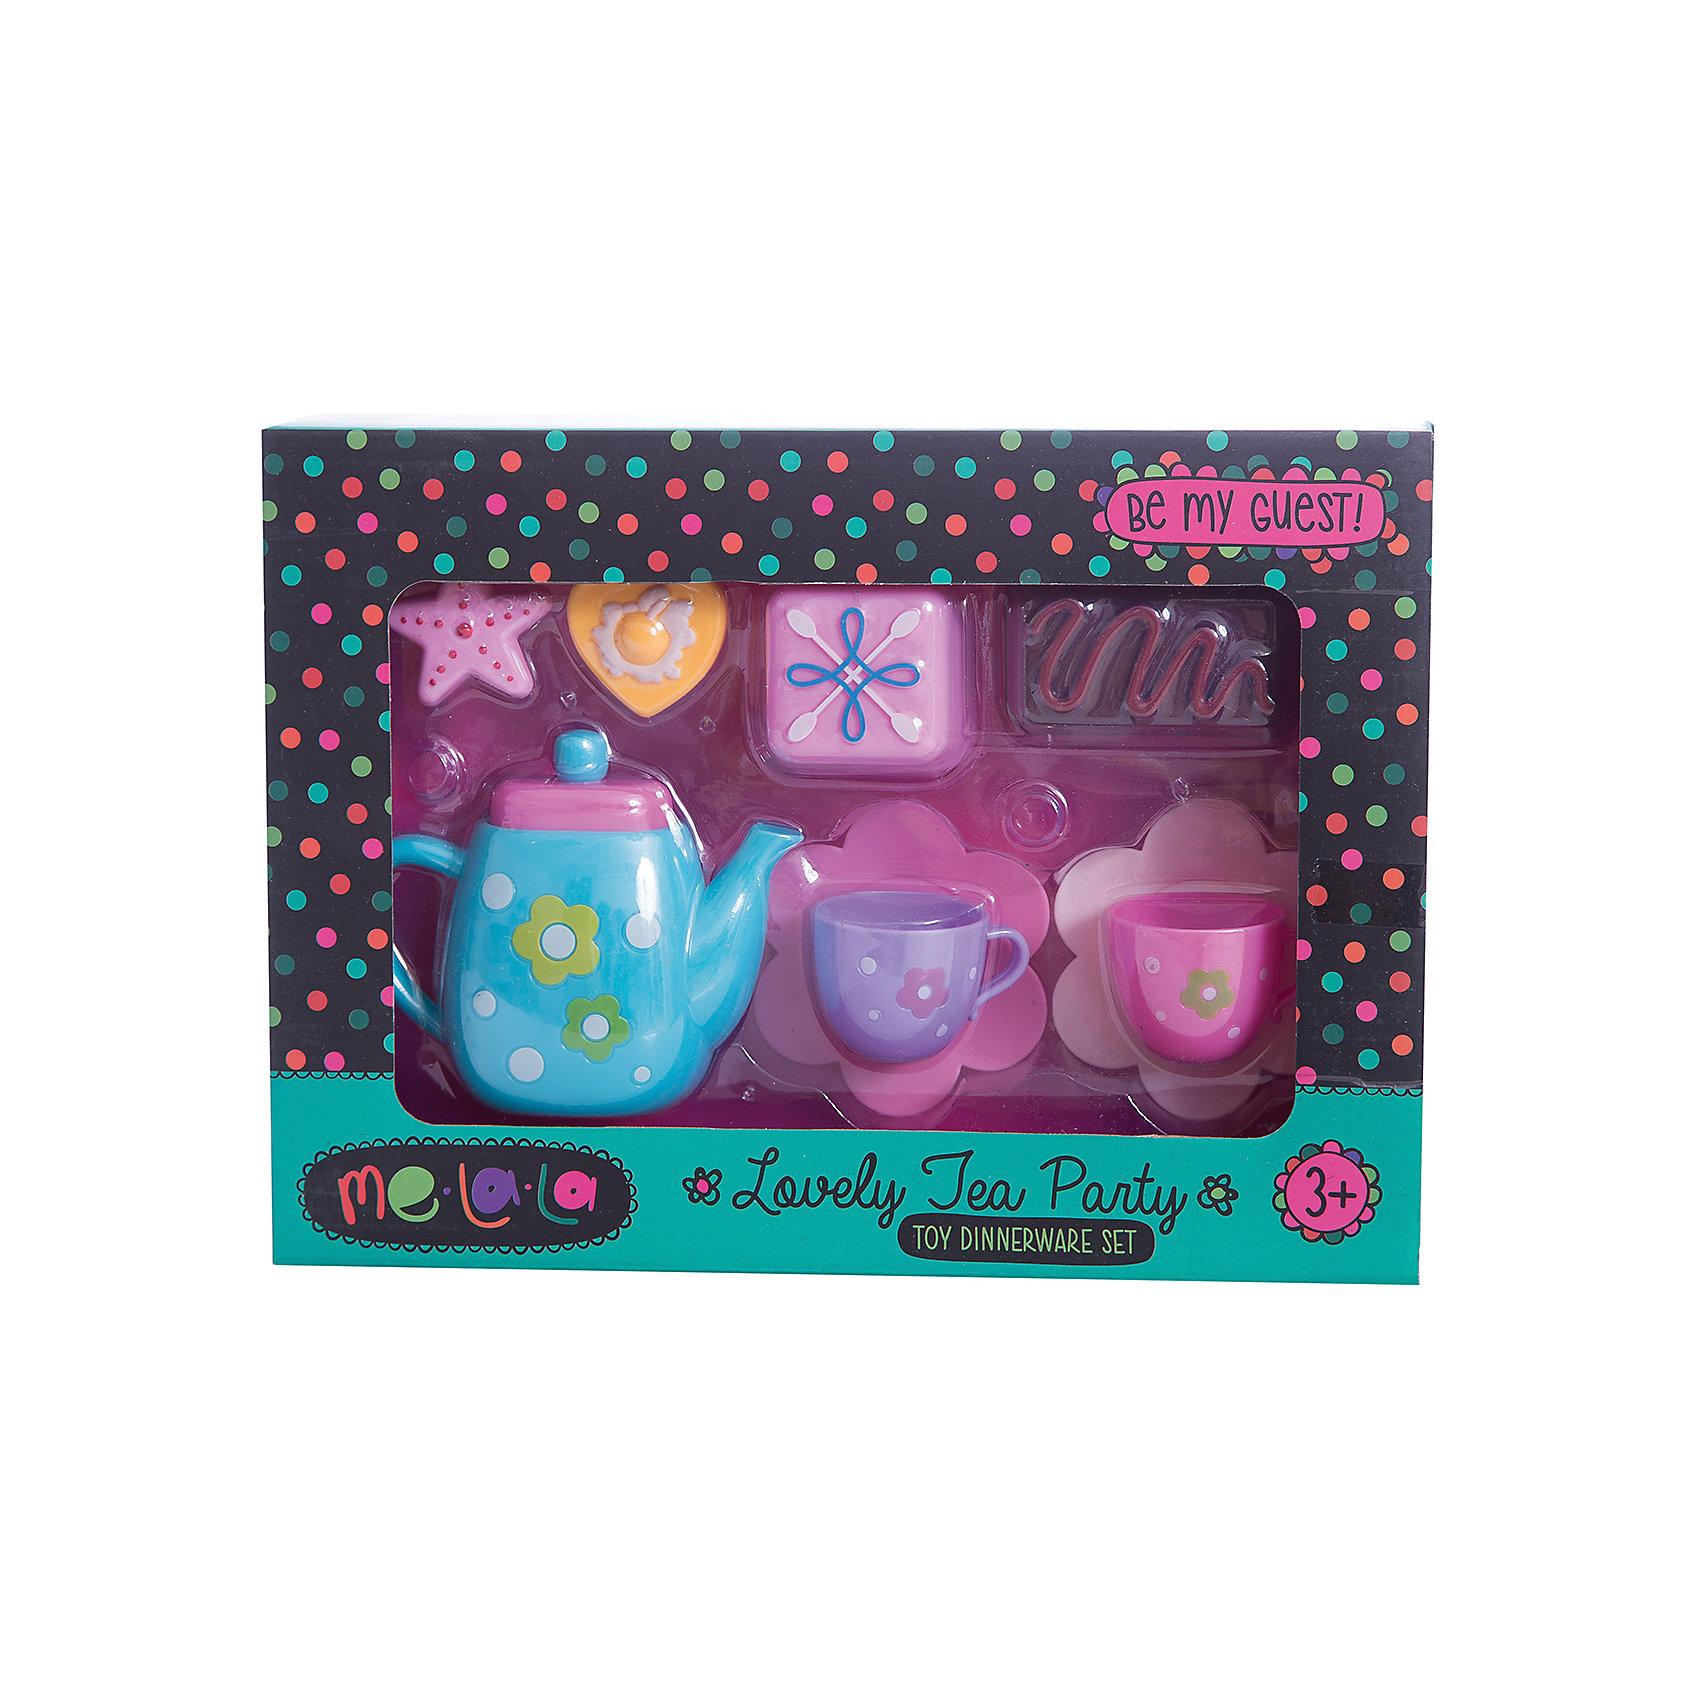 Набор посудки Чаепитие со сладостями, MeLaLaПосуда и аксессуары для детской кухни<br>Набор посудки Чаепитие со сладостями, MeLaLa.<br><br>Характеристики:<br><br>• яркий дизайн<br>• набор полностью безопасен для ребенка<br>• материал: пластик <br>• в комплекте: 2 кружки, 2 блюдца, чайник, 4 десерта<br>• размер упаковки: 20х6х28 см<br>• вес: 210 грамм<br><br>Наверное каждая девочка любит провести время за чашечкой чая со вкусным десертом. С помощью набора Чаепитие со сладостями девочка сможет устроить чаепитие с любимой куклой. В набор входит красочная посуда и очень привлекательные десерты. Все предметы изготовлены из нетоксичного пластика, безопасного для ребенка. С таким набором кукольные чаепития станут еще интереснее!<br><br>Набор посудки Чаепитие со сладостями, MeLaLa вы можете купить в нашем интернет-магазине.<br><br>Ширина мм: 280<br>Глубина мм: 60<br>Высота мм: 200<br>Вес г: 210<br>Возраст от месяцев: 36<br>Возраст до месяцев: 120<br>Пол: Женский<br>Возраст: Детский<br>SKU: 5017681